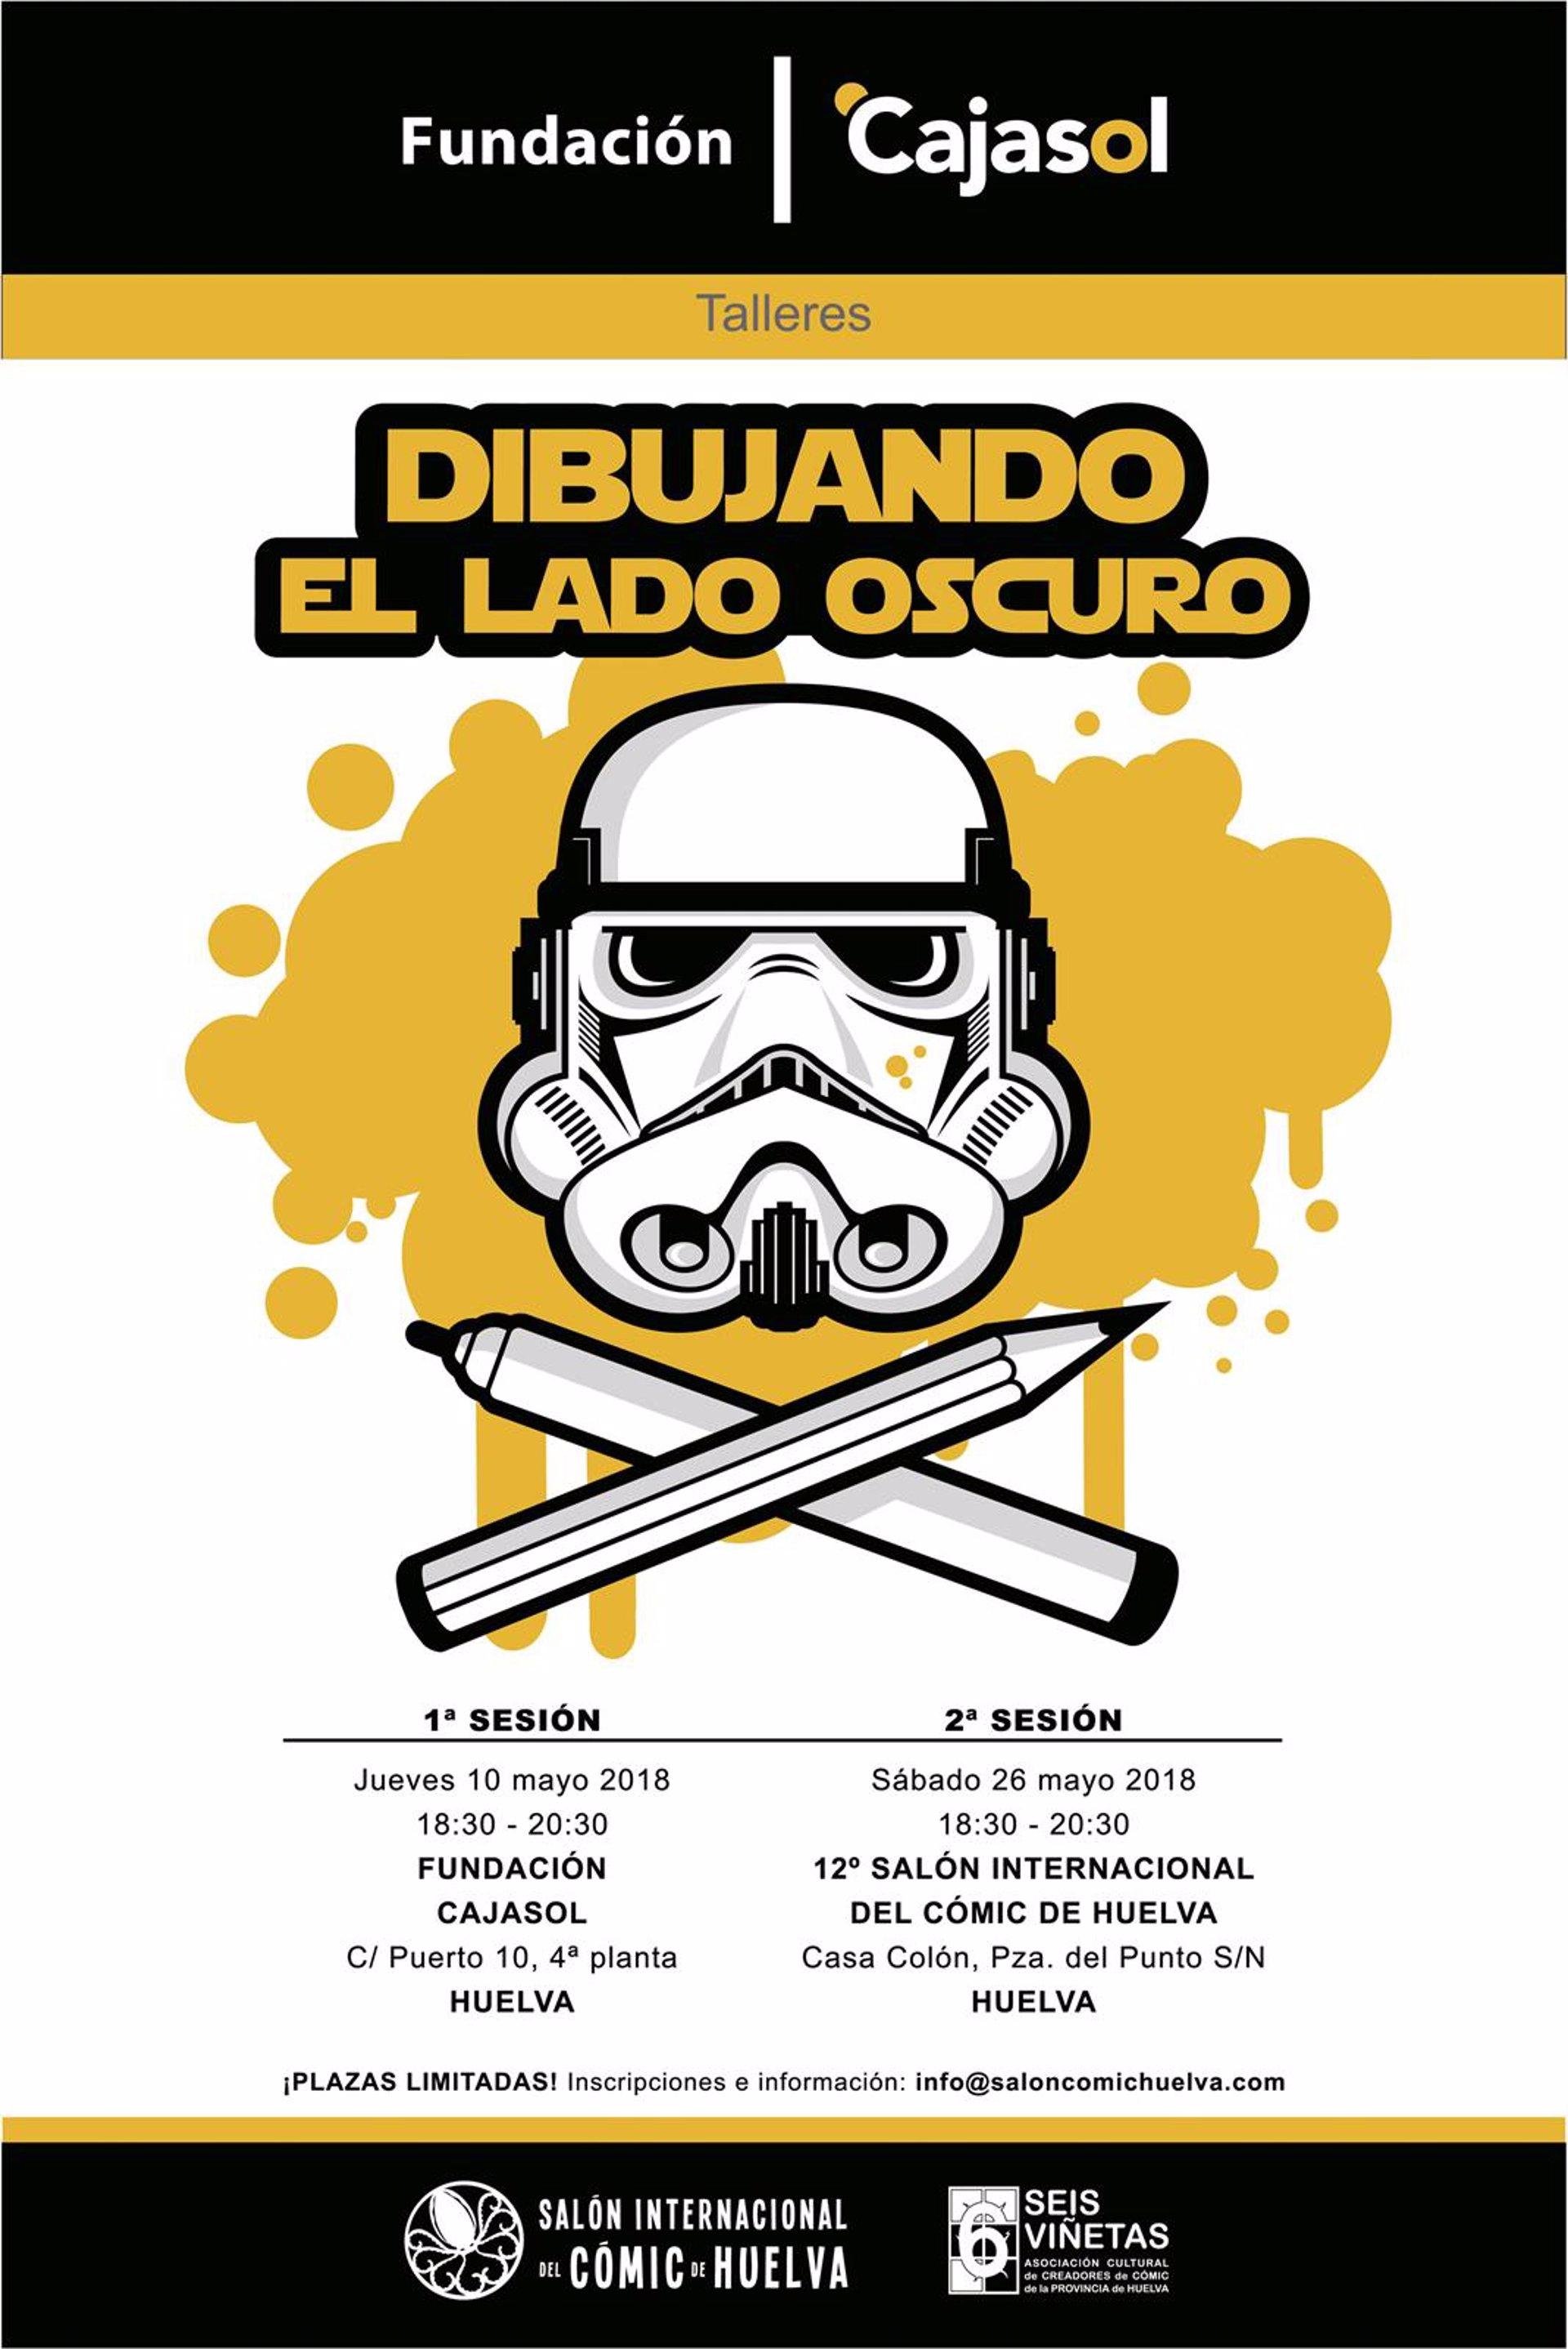 La Saga Star Wars Llega Al Taller Dibujando El Lado Oscuro En Huelva